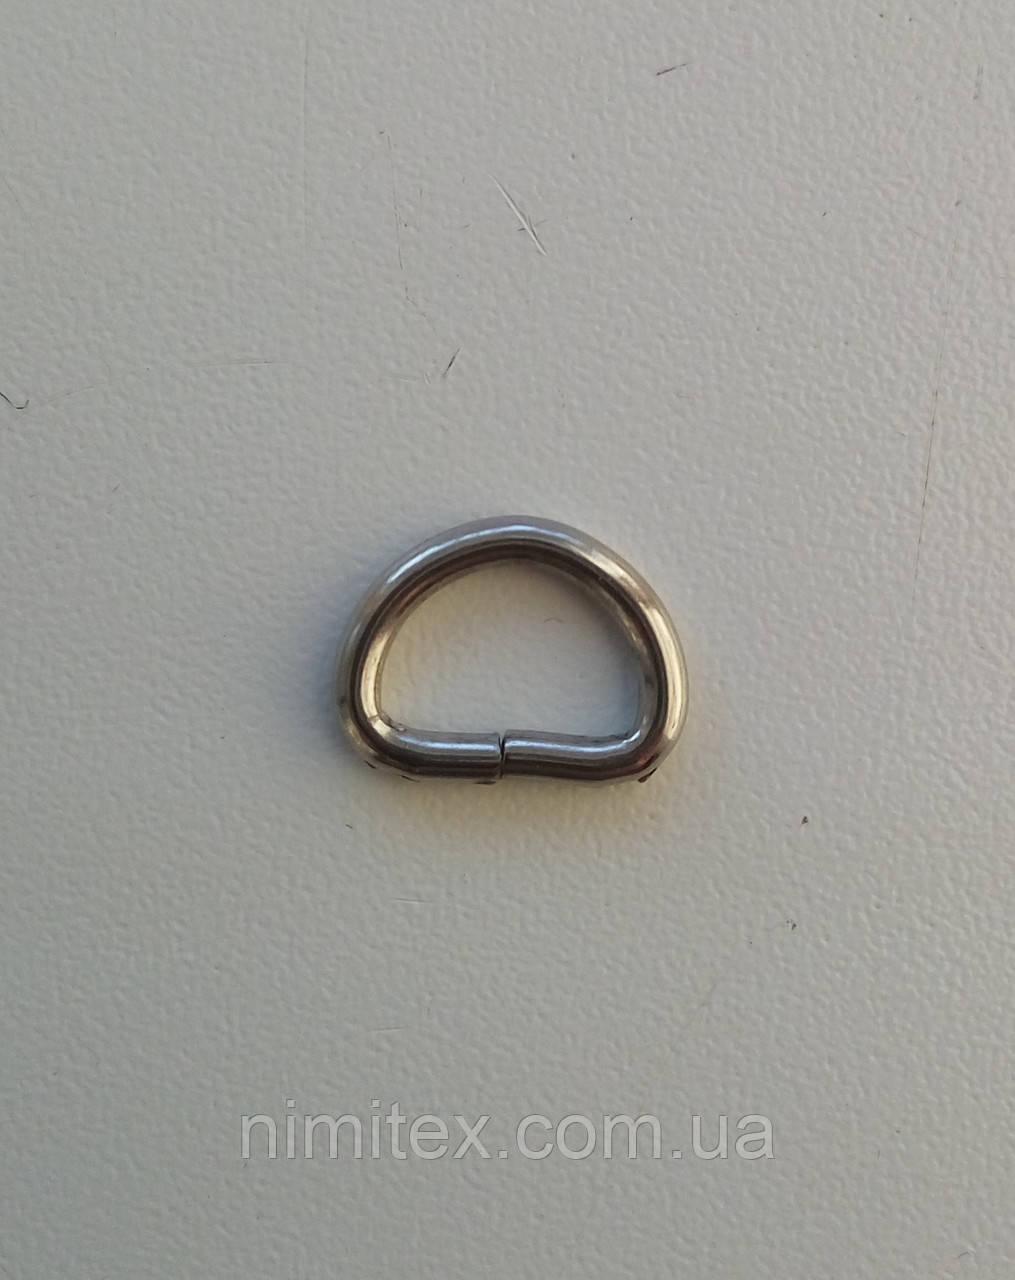 Полукольцо проволочное 10 мм никель